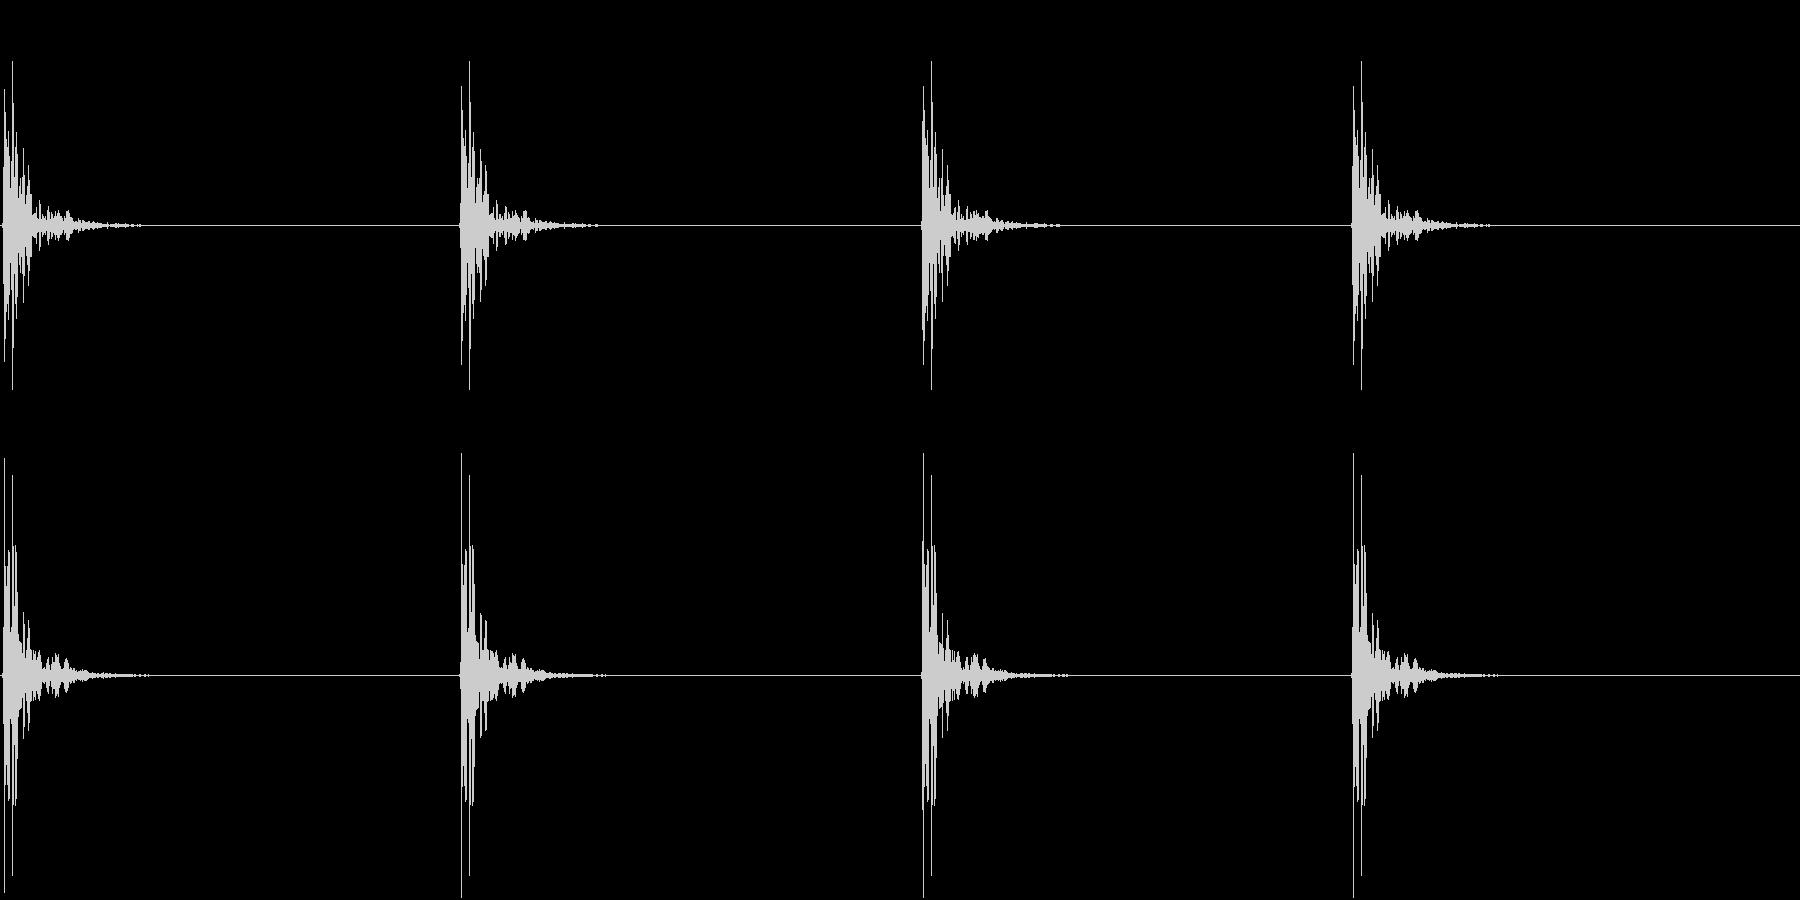 【生録音】包丁で切る音 トントン 1の未再生の波形